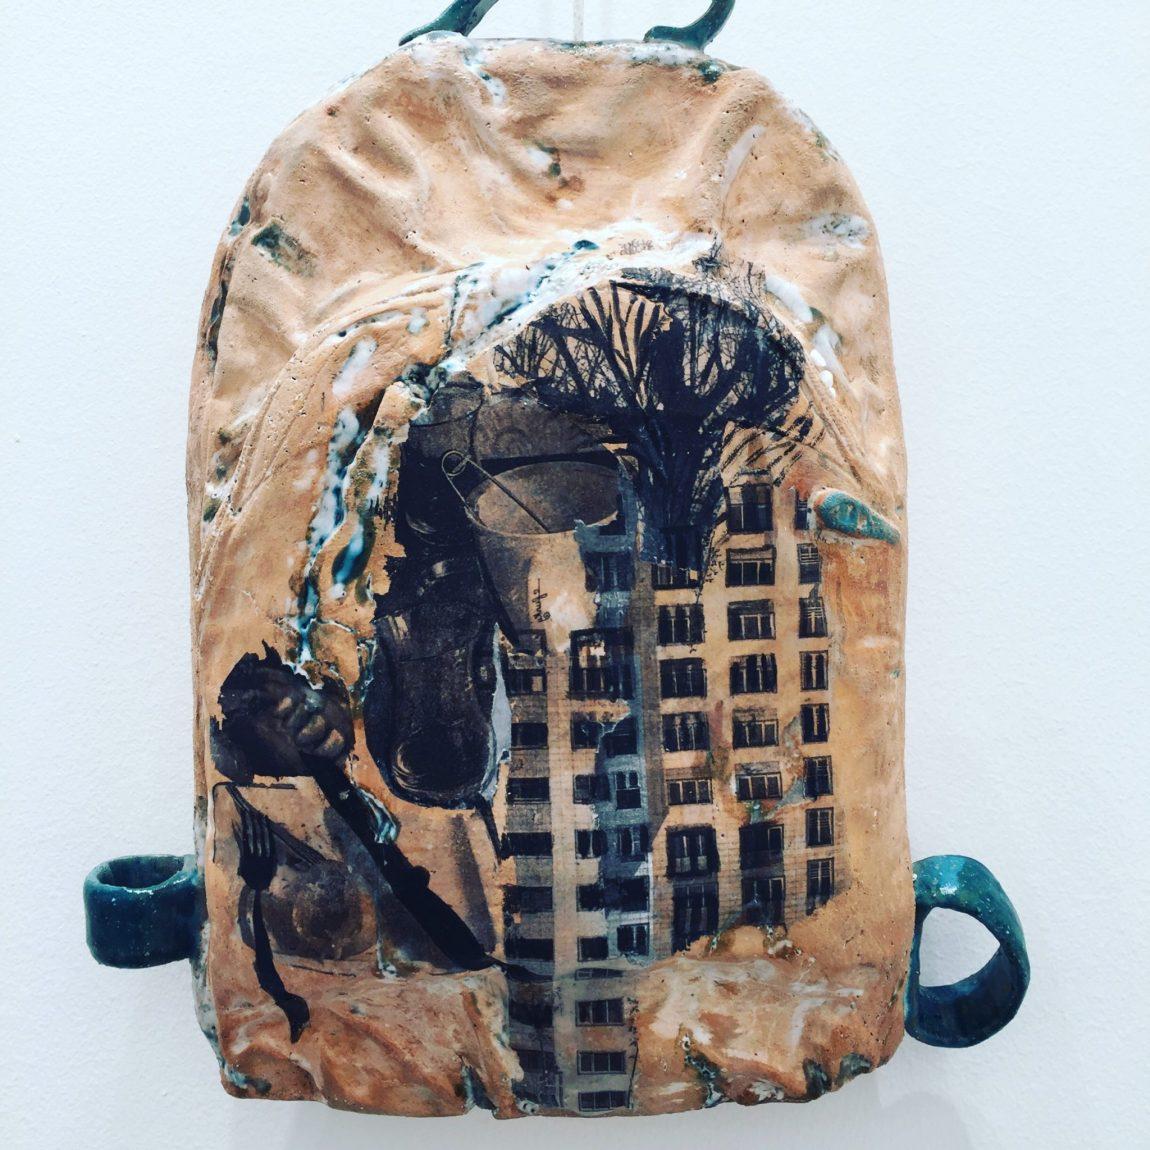 Meliha Coşkun Sırt çantası Teknik : Seramik Ölçü:45x28x14  Fiyat:5.310 TL